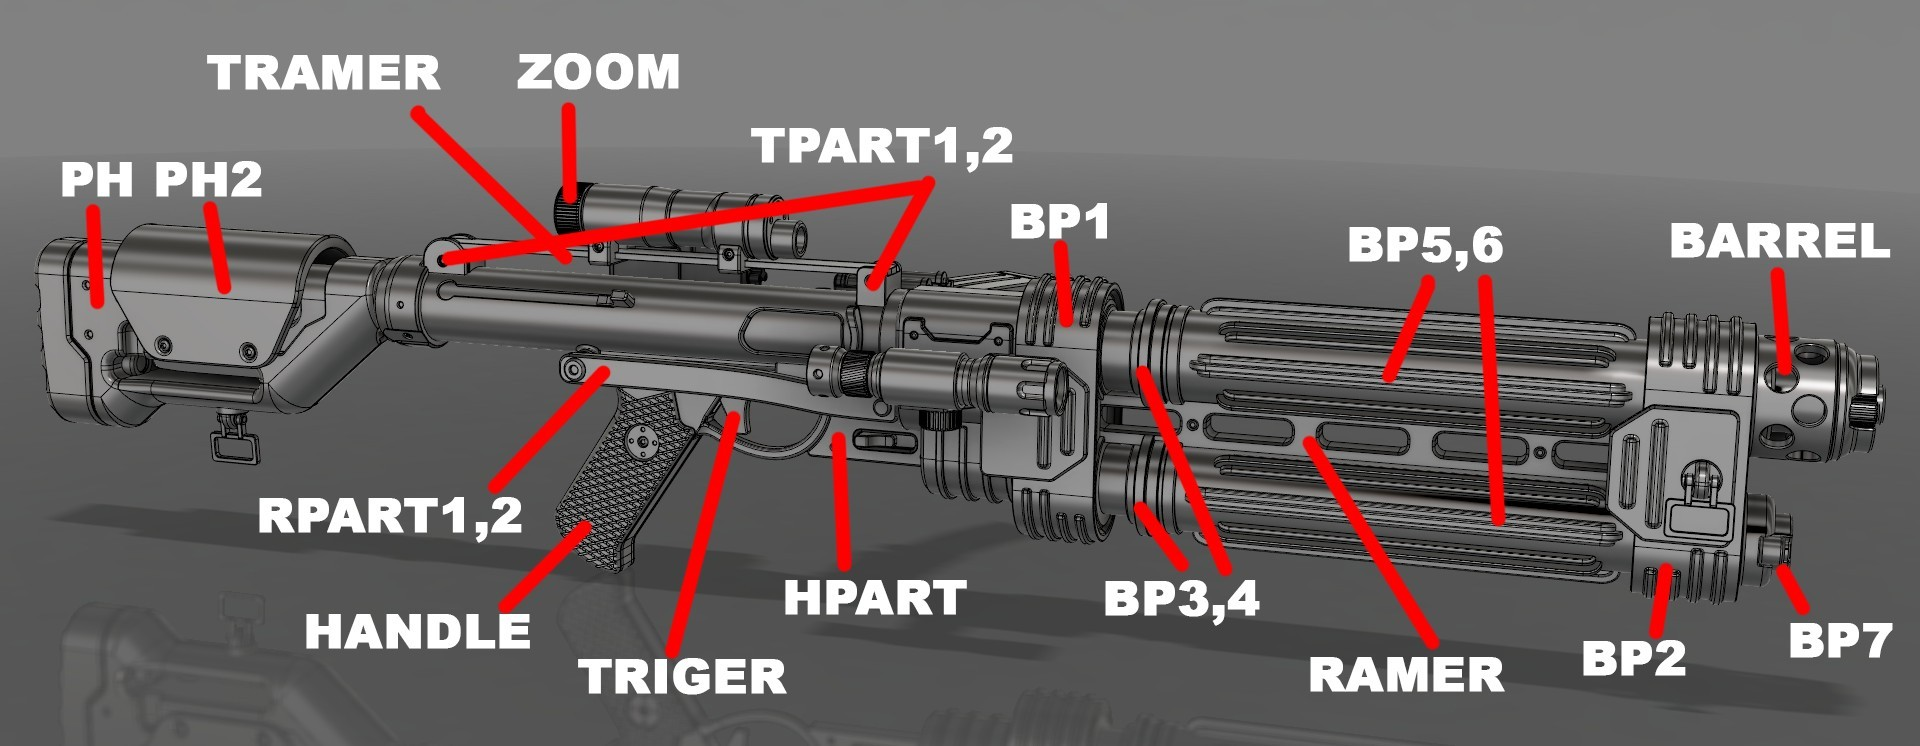 shm.jpg Download STL file E-22 Blaster Rifle  • 3D print design, 3dpicasso